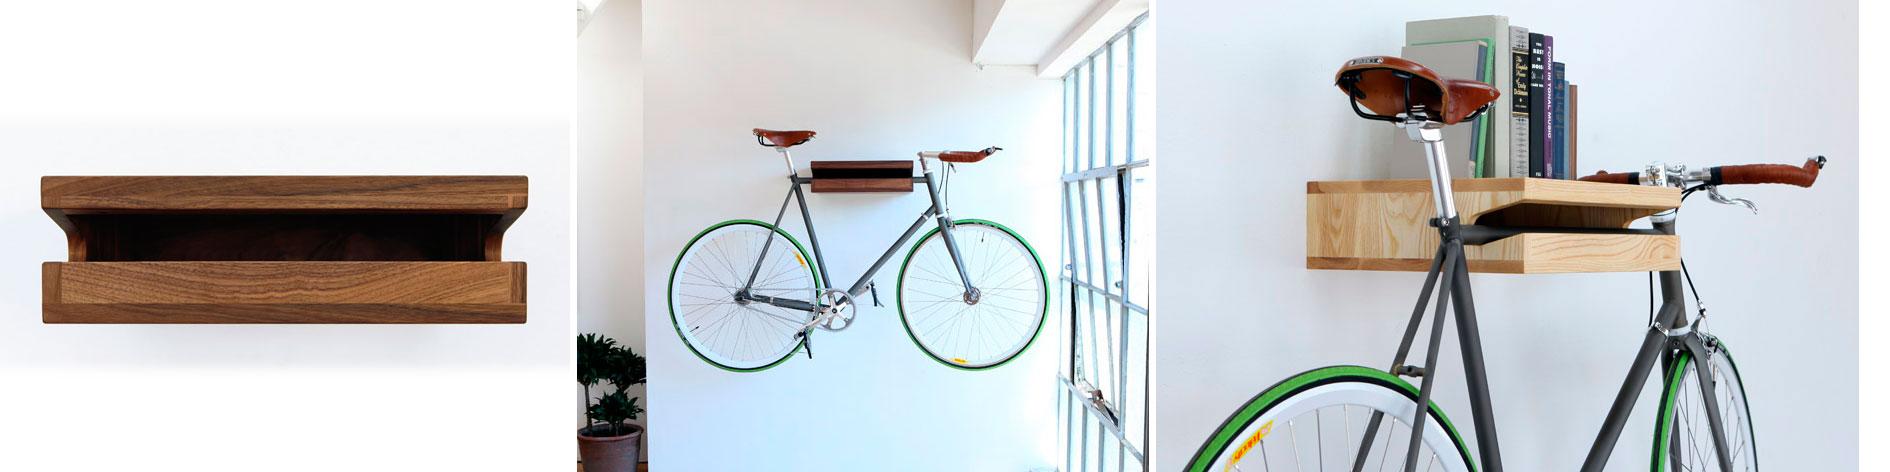 Guardar bicicletas en poco espacio beautiful visto en - Guardar bicicletas en poco espacio ...